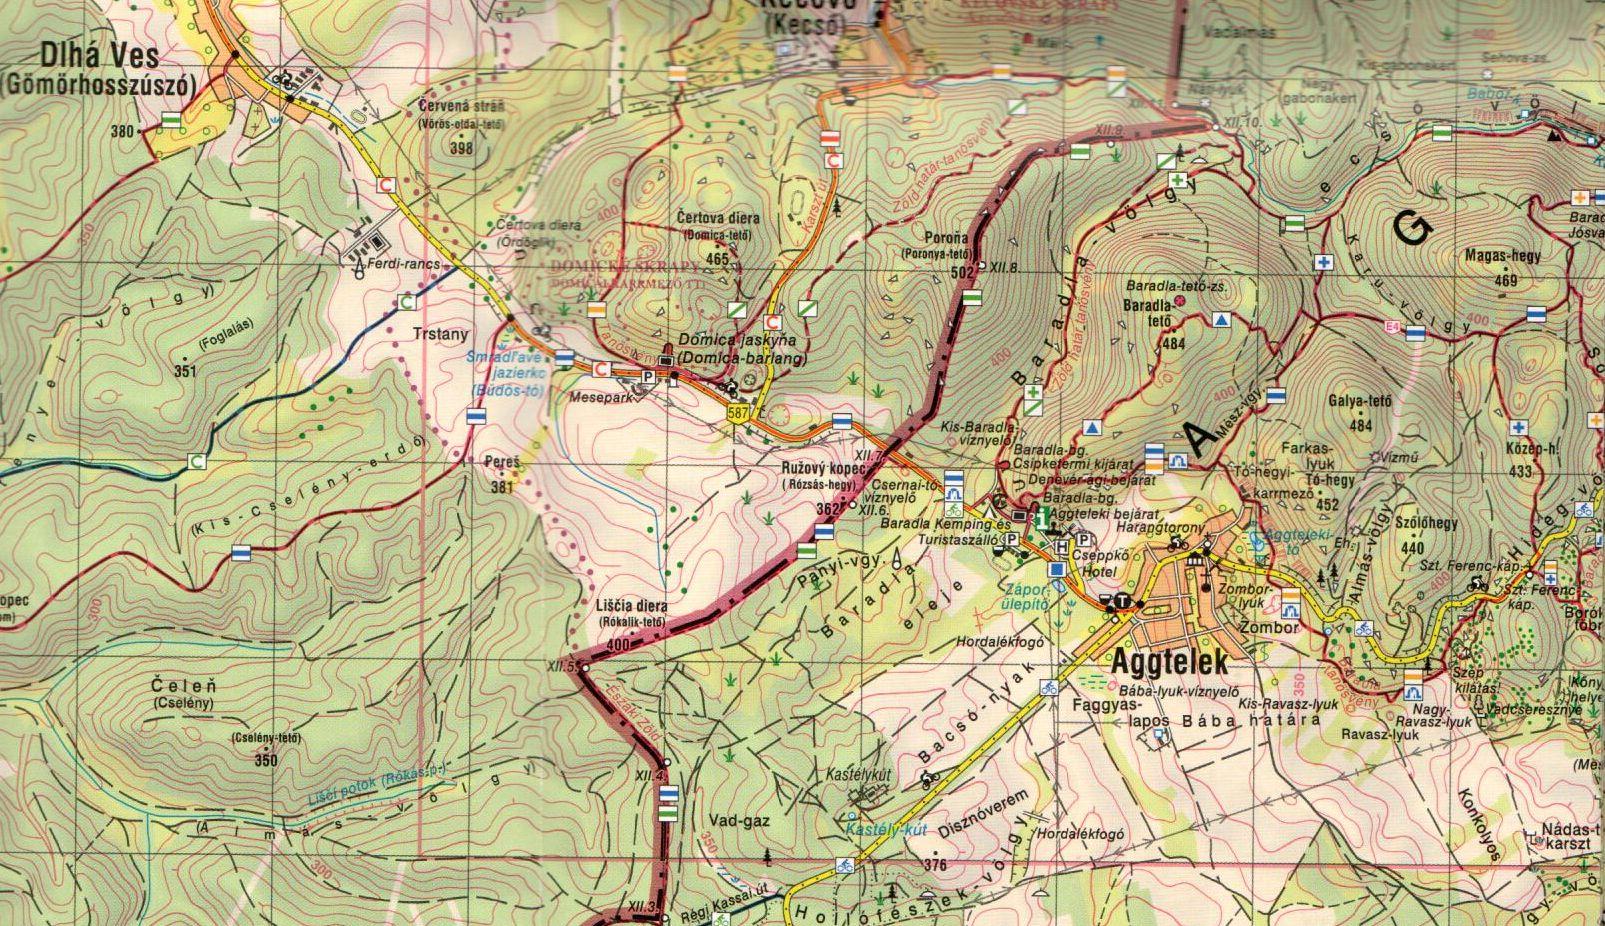 Gömör-Tornai (Aggteleki karszt mintatérkép 1:40.000